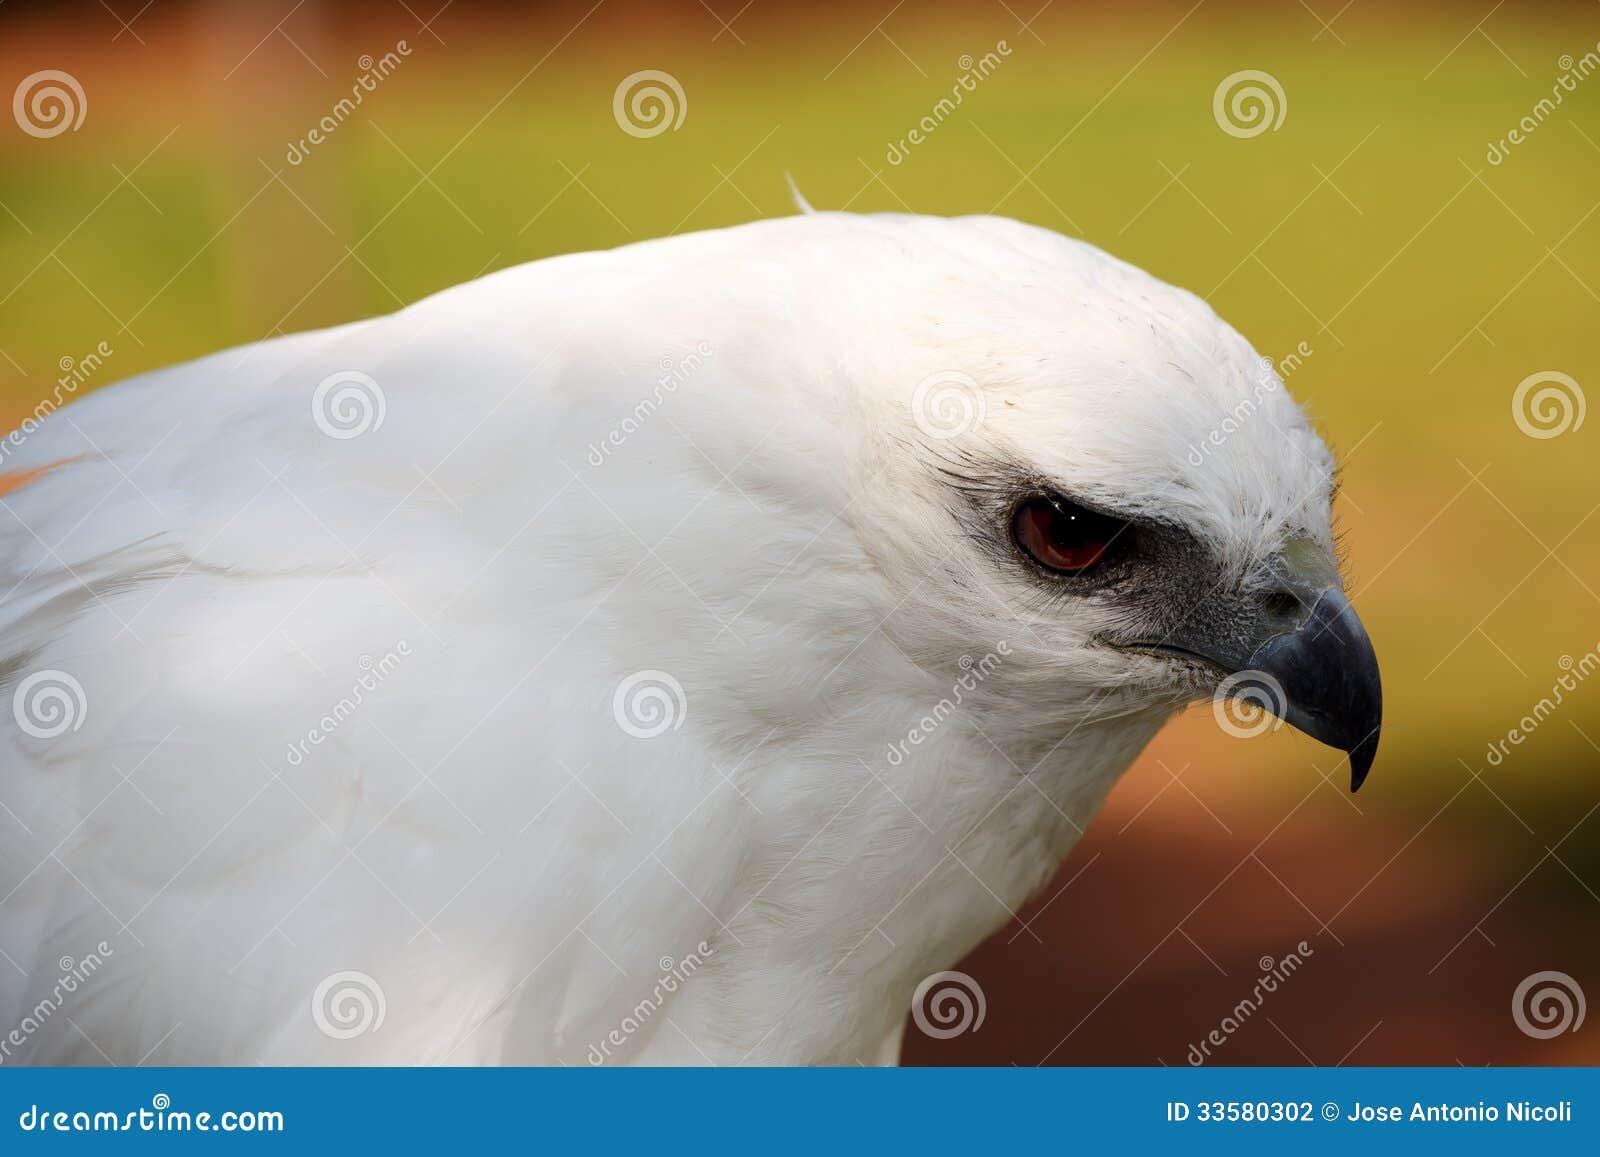 梦见白色鹰是什么意思